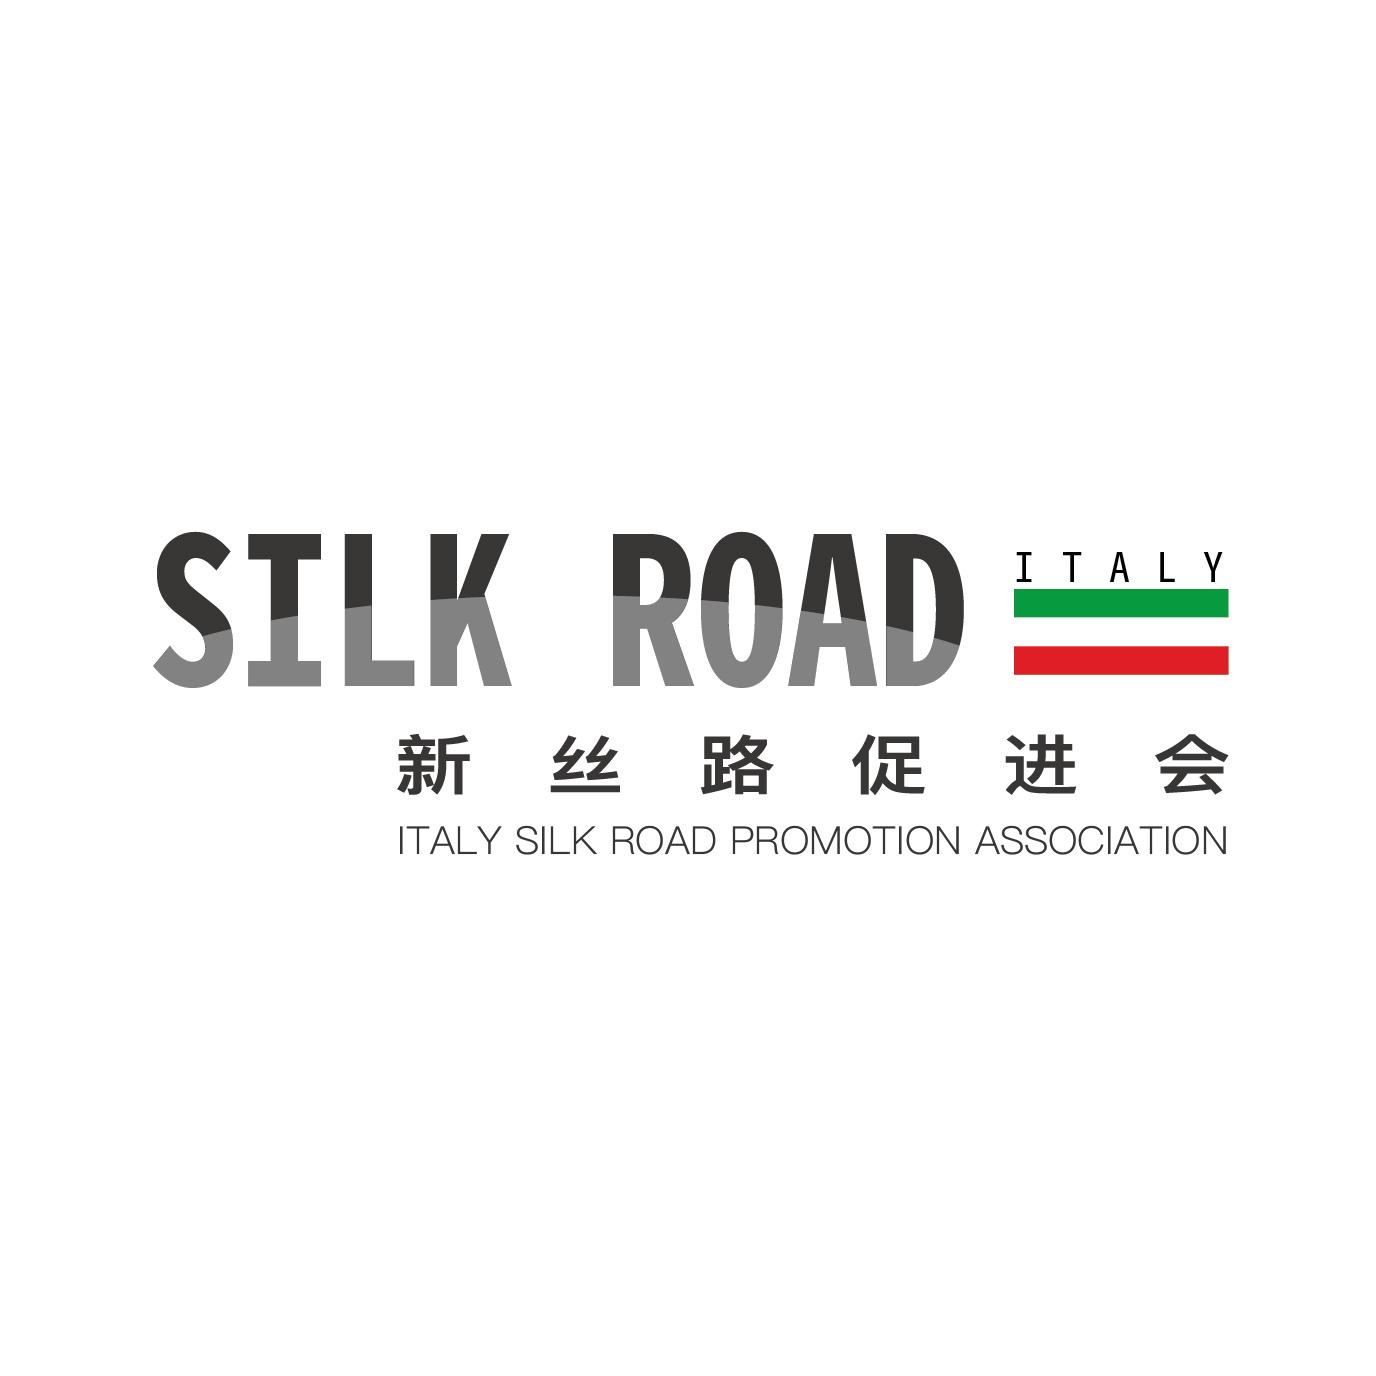 意大利新絲路促進會